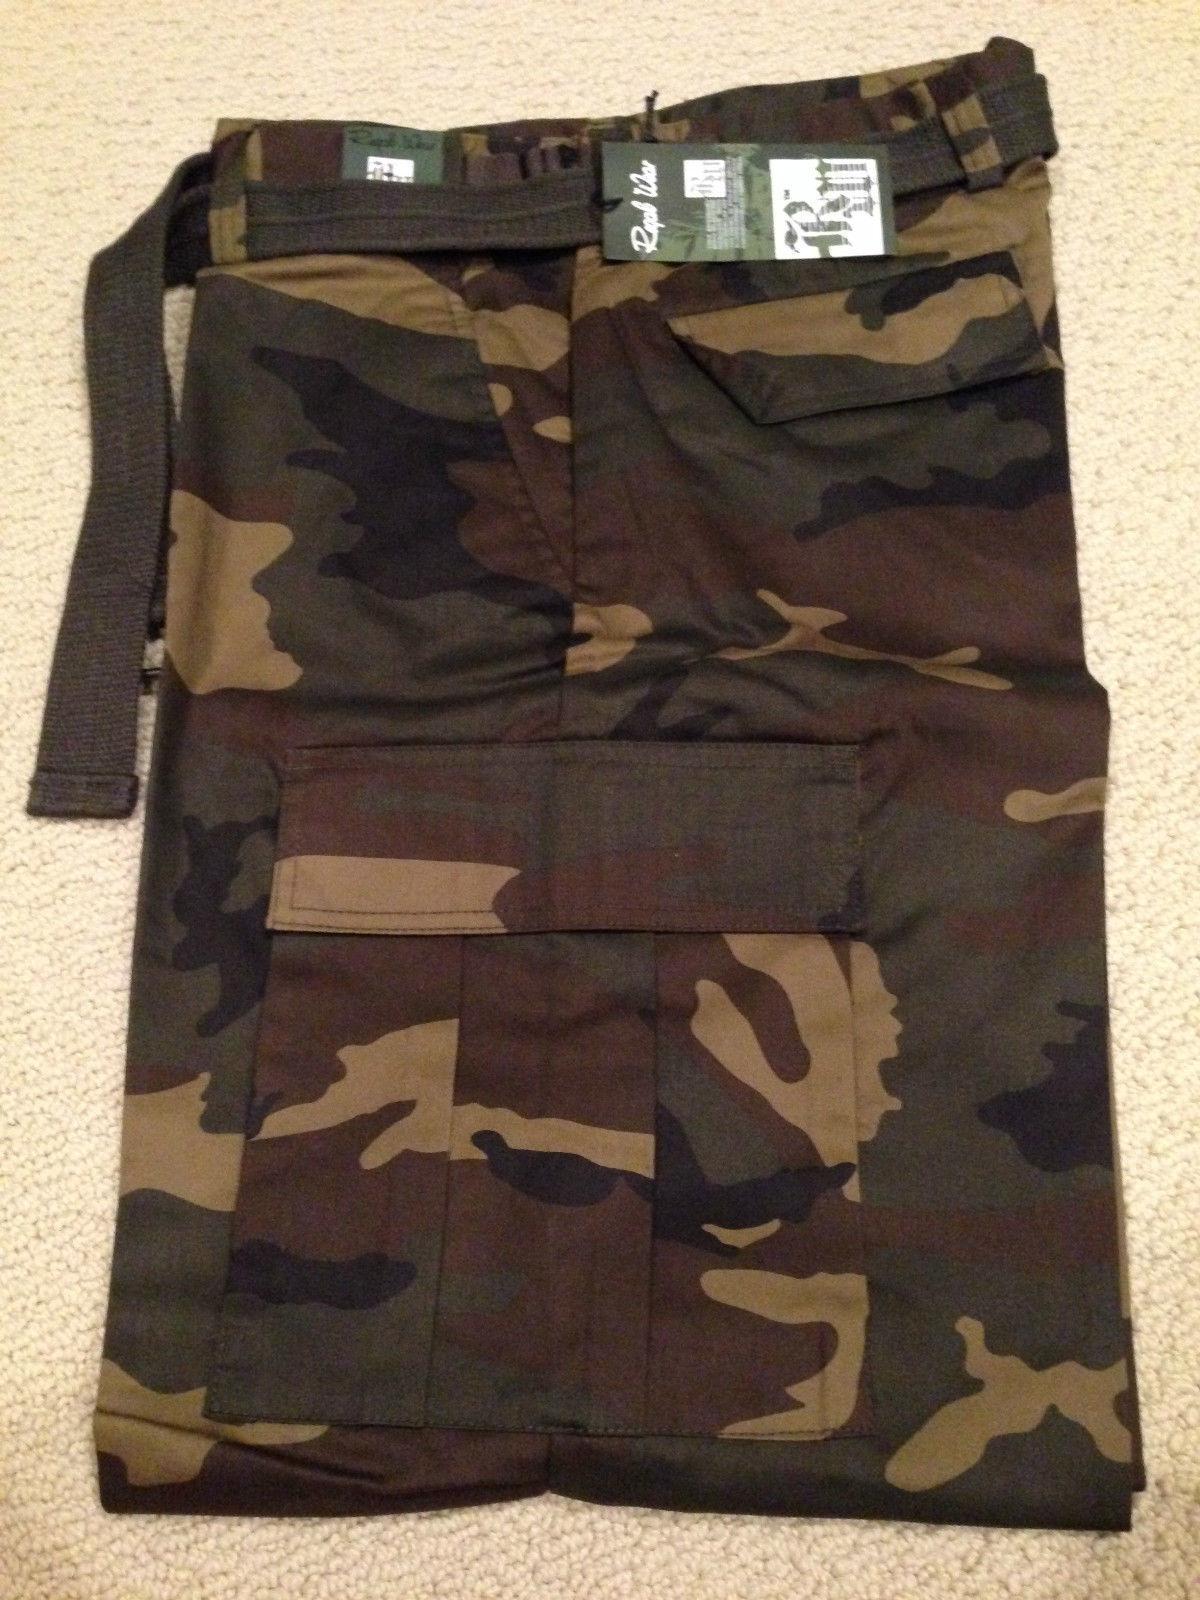 NWT Men's Regal Wear Green Camouflage Camo Belt Cargo Pants